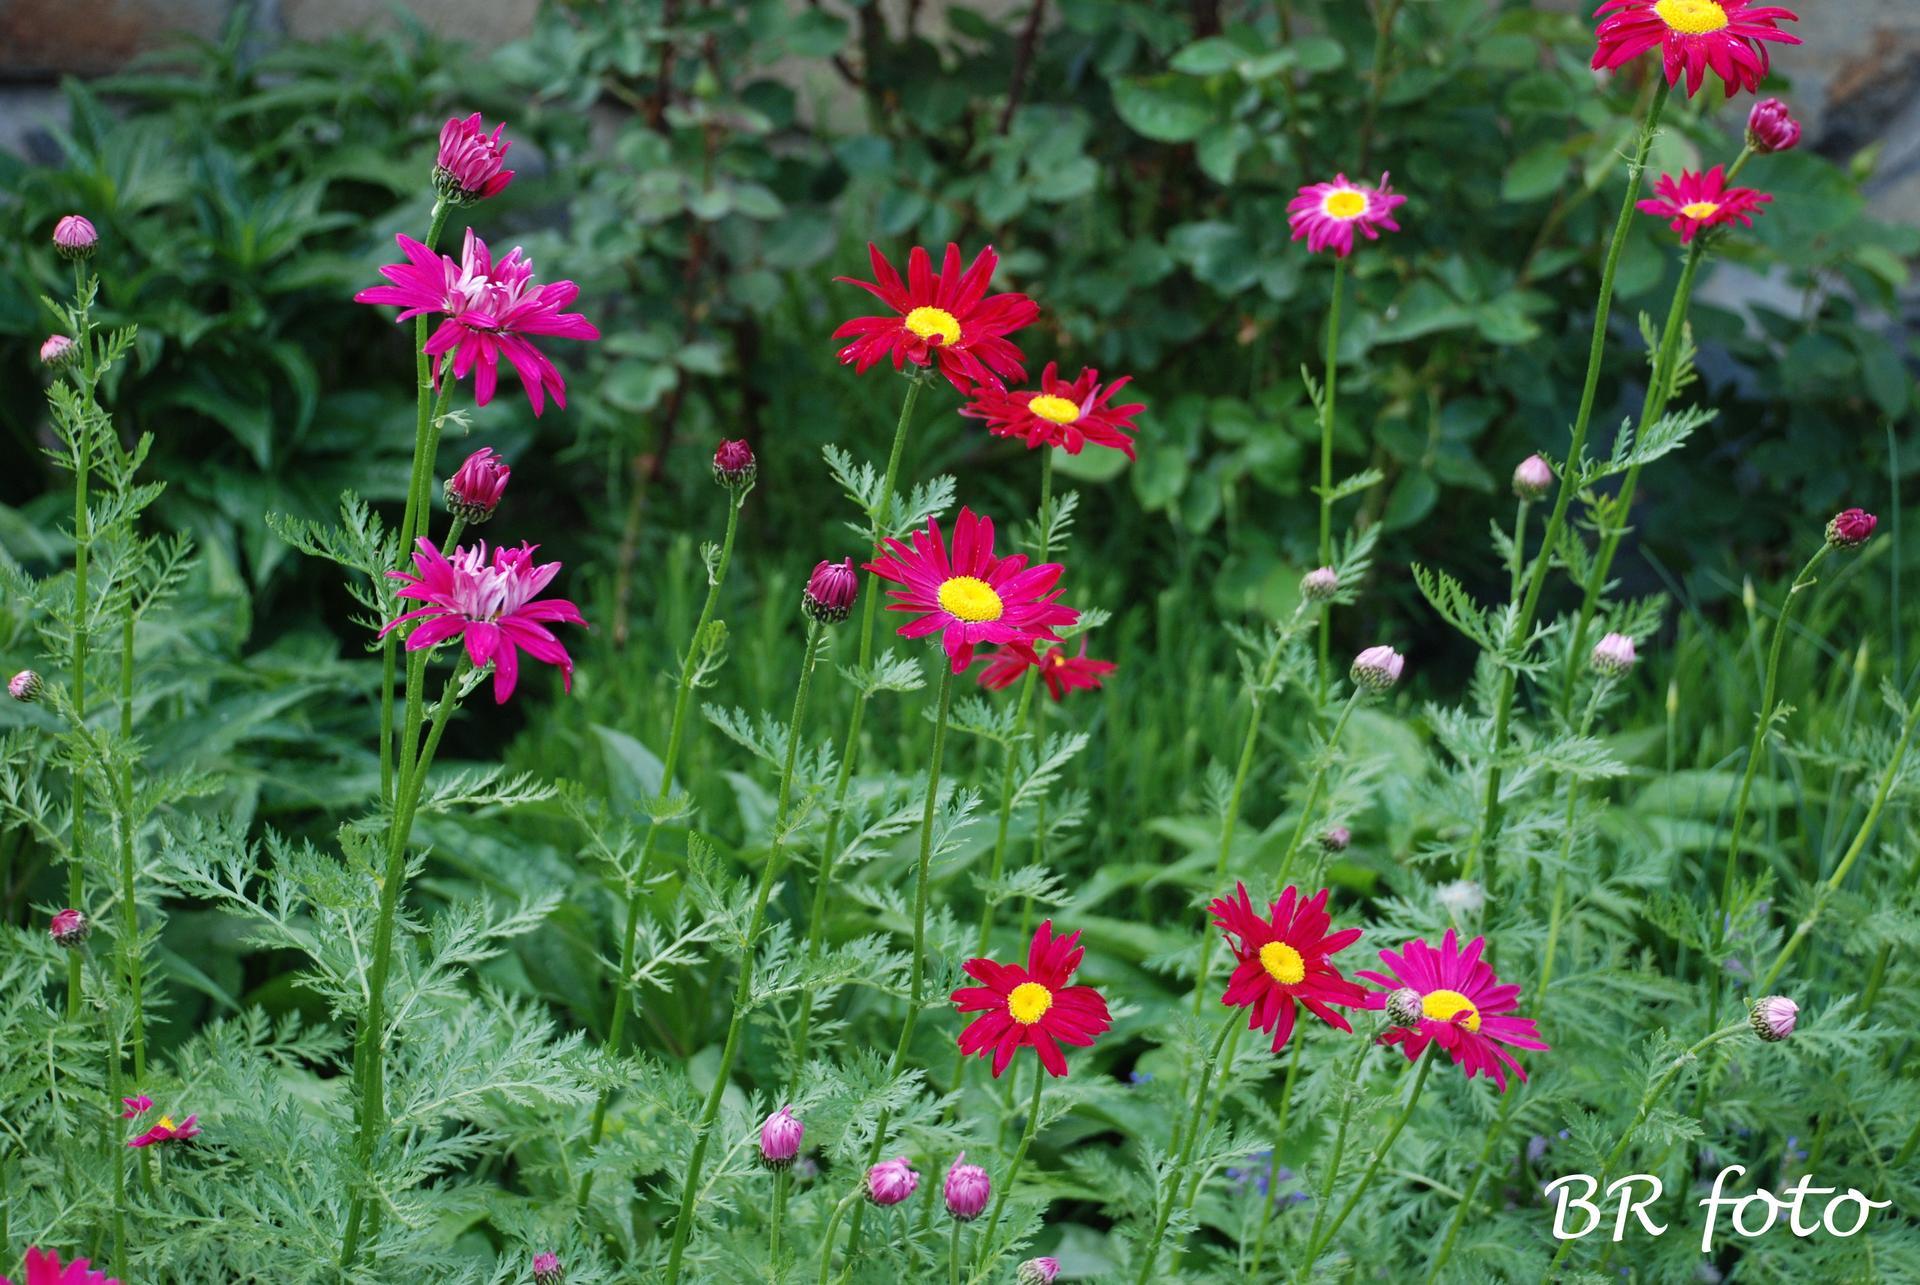 Kopretina řimbaba růžová - vděčná a nenáročná trvalka, vypěstovala jsem ze semínek, má mnoho odstínů růžové od světlounké po tmavou. Je vhodná do smíšených trvalkových záhonů. - Obrázek č. 2